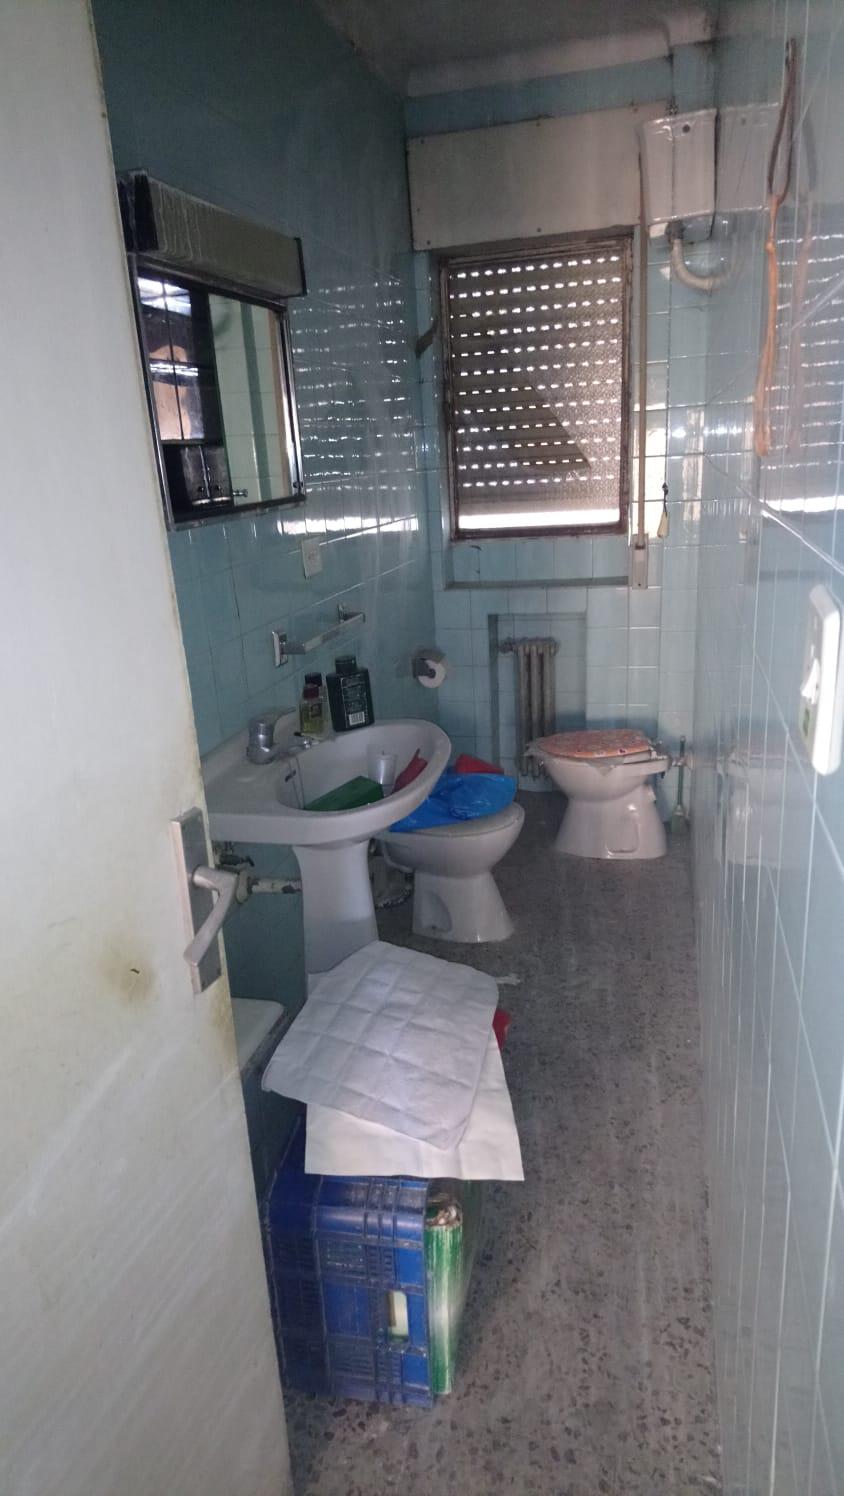 piso en avenida de portugal para refomar (REF: 52) - foto 3 0868a815-bd6a-4c4f-b60b-f25dafb799c4.jpg